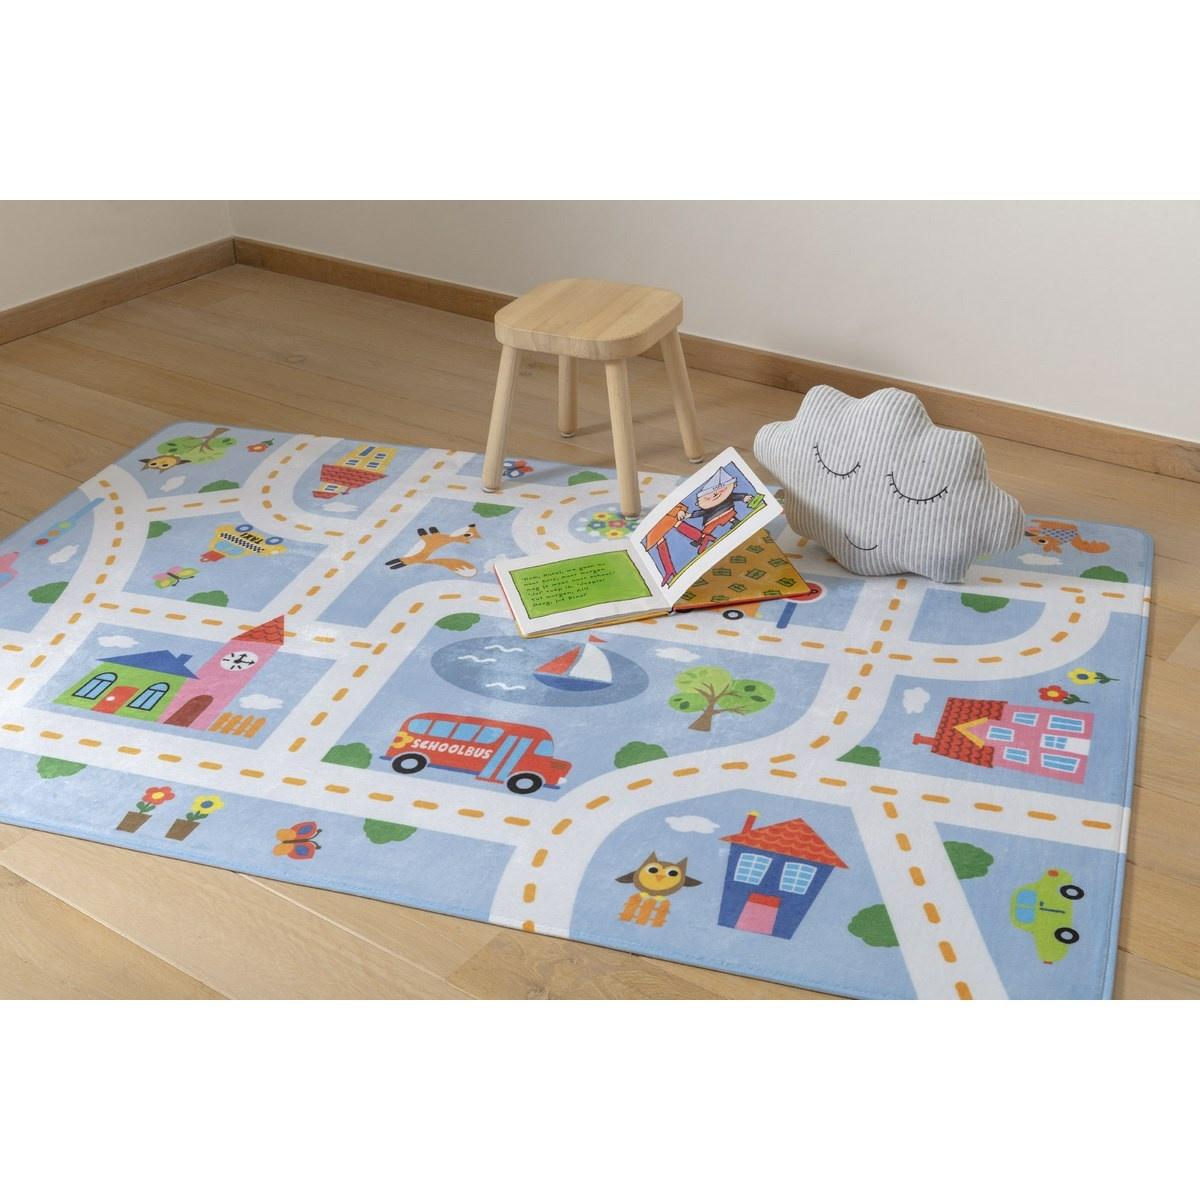 Vopi Dětský koberec Ultra Soft Kids Play blue, 90 x 130 cm